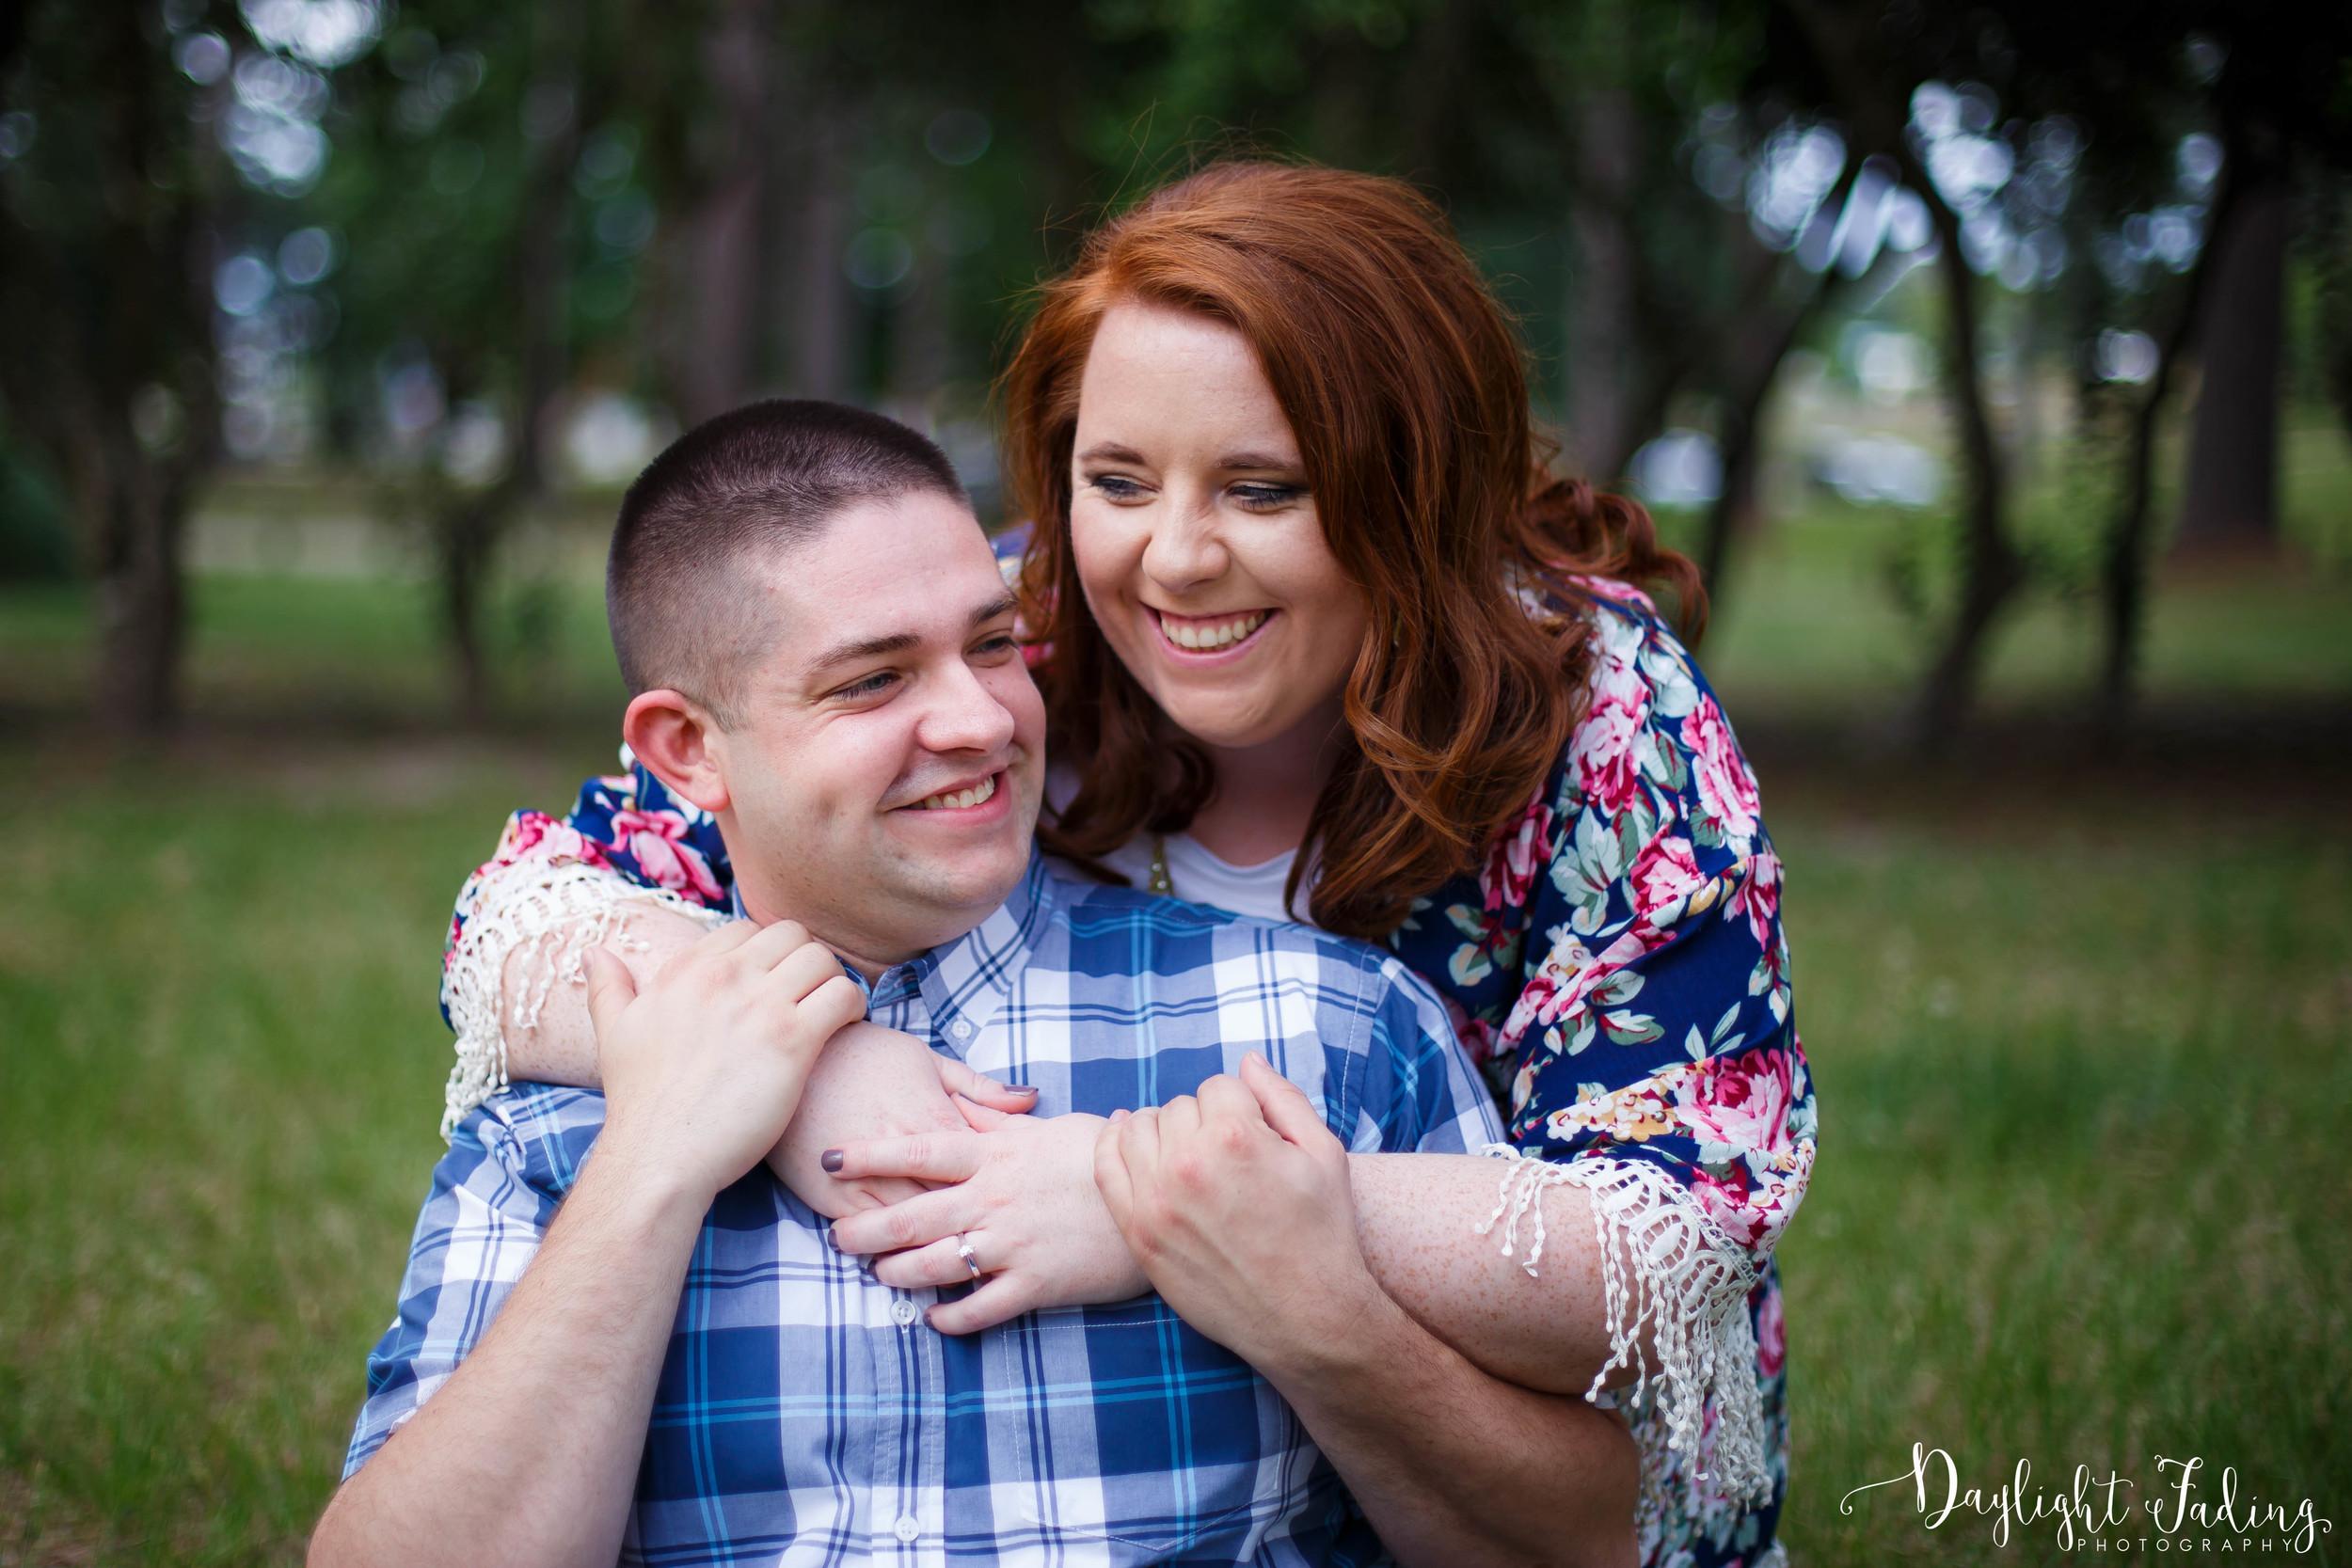 Engagement Photographer in Shreveport - daylightfadingphotography.com